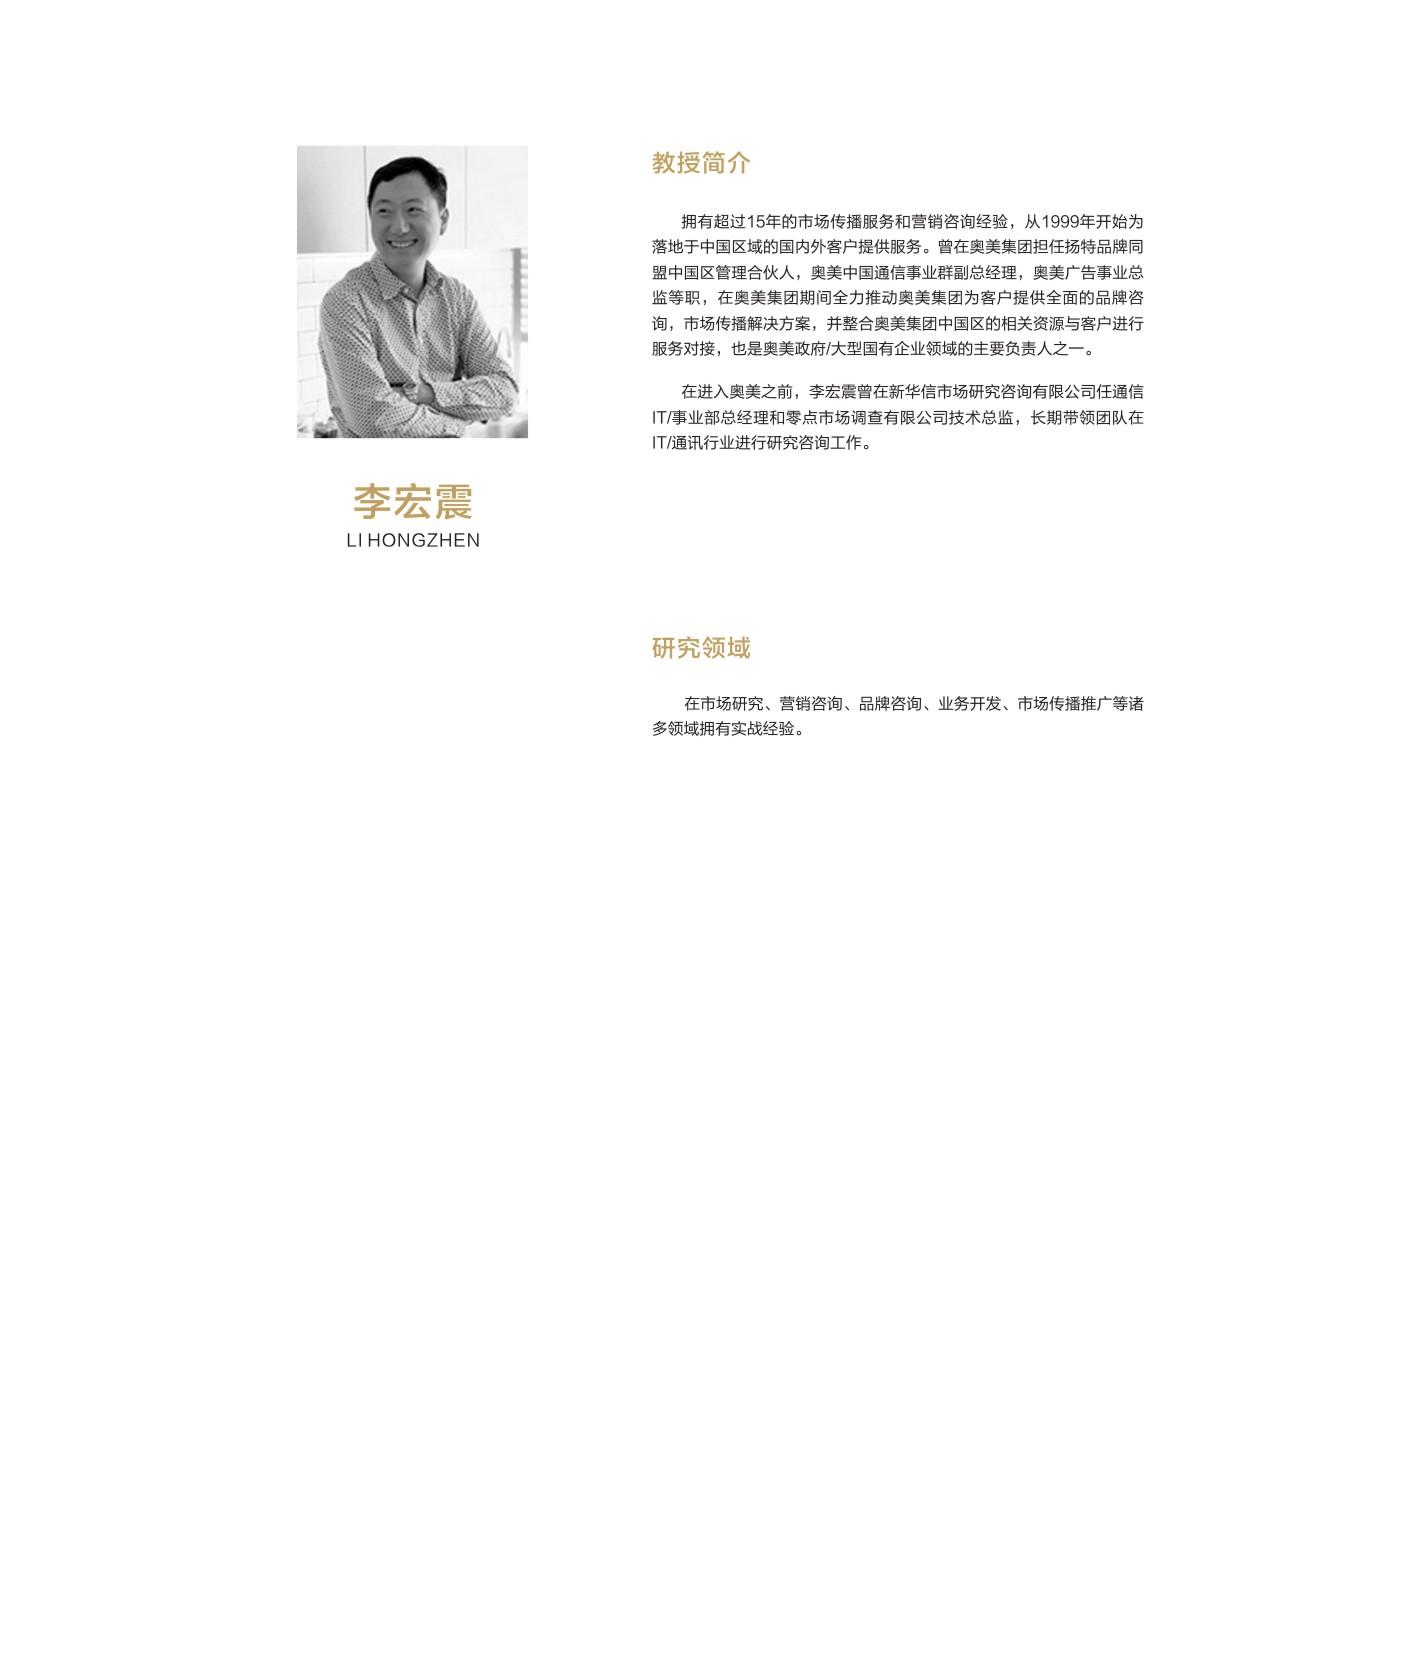 专家-09.jpg